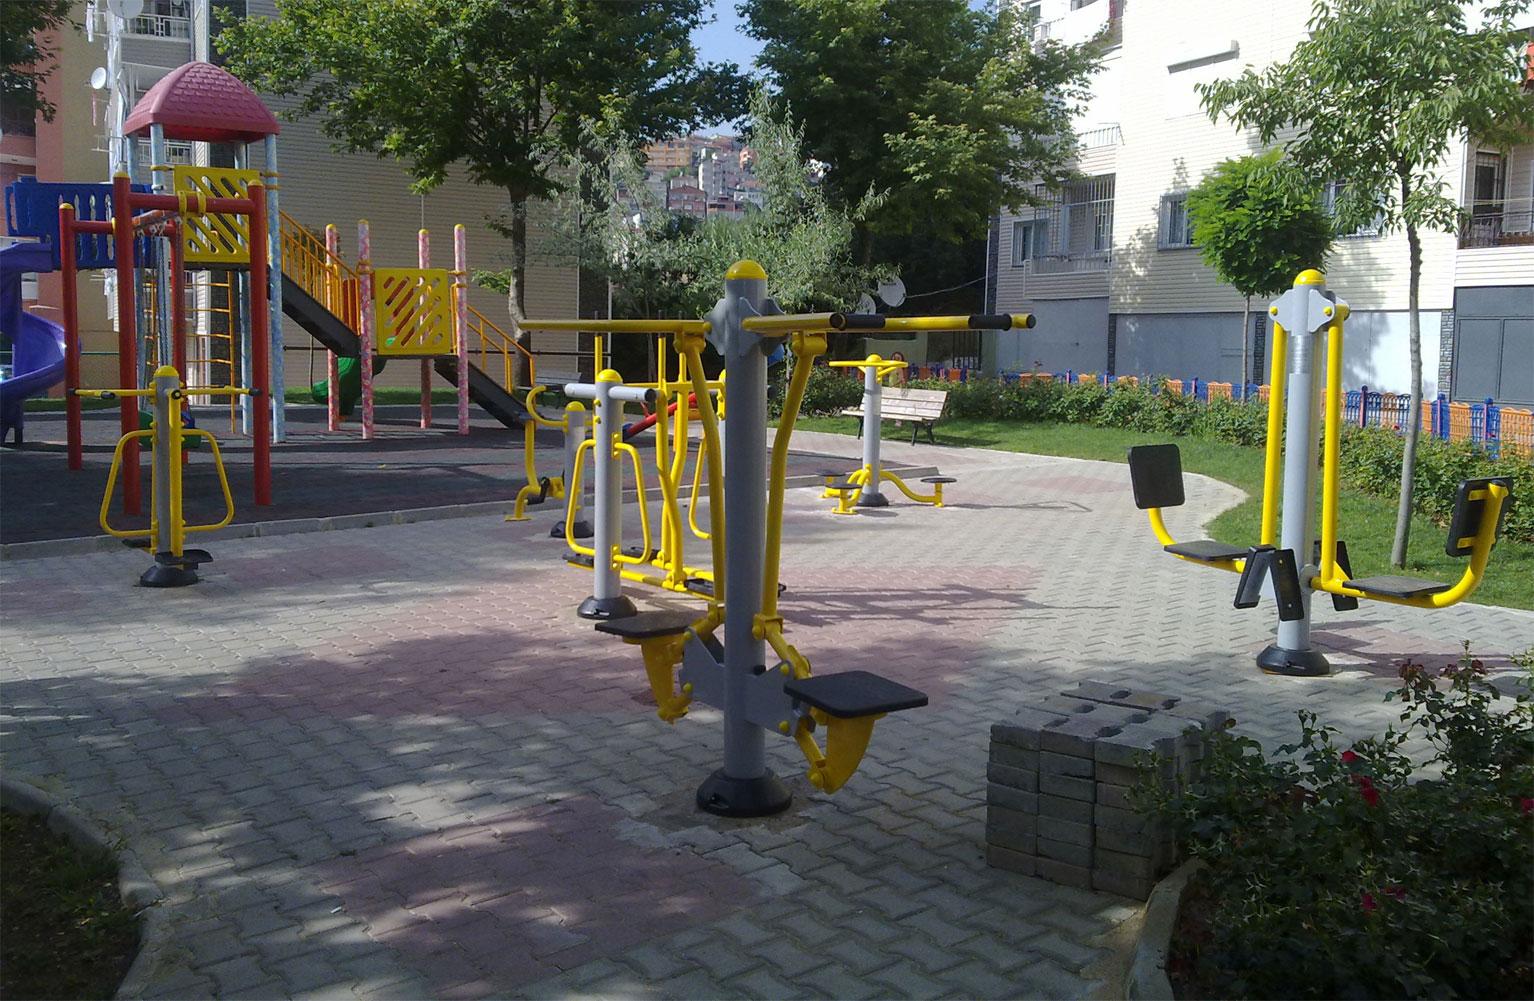 Maltepe belediyesi açık alan park  spor aletleri